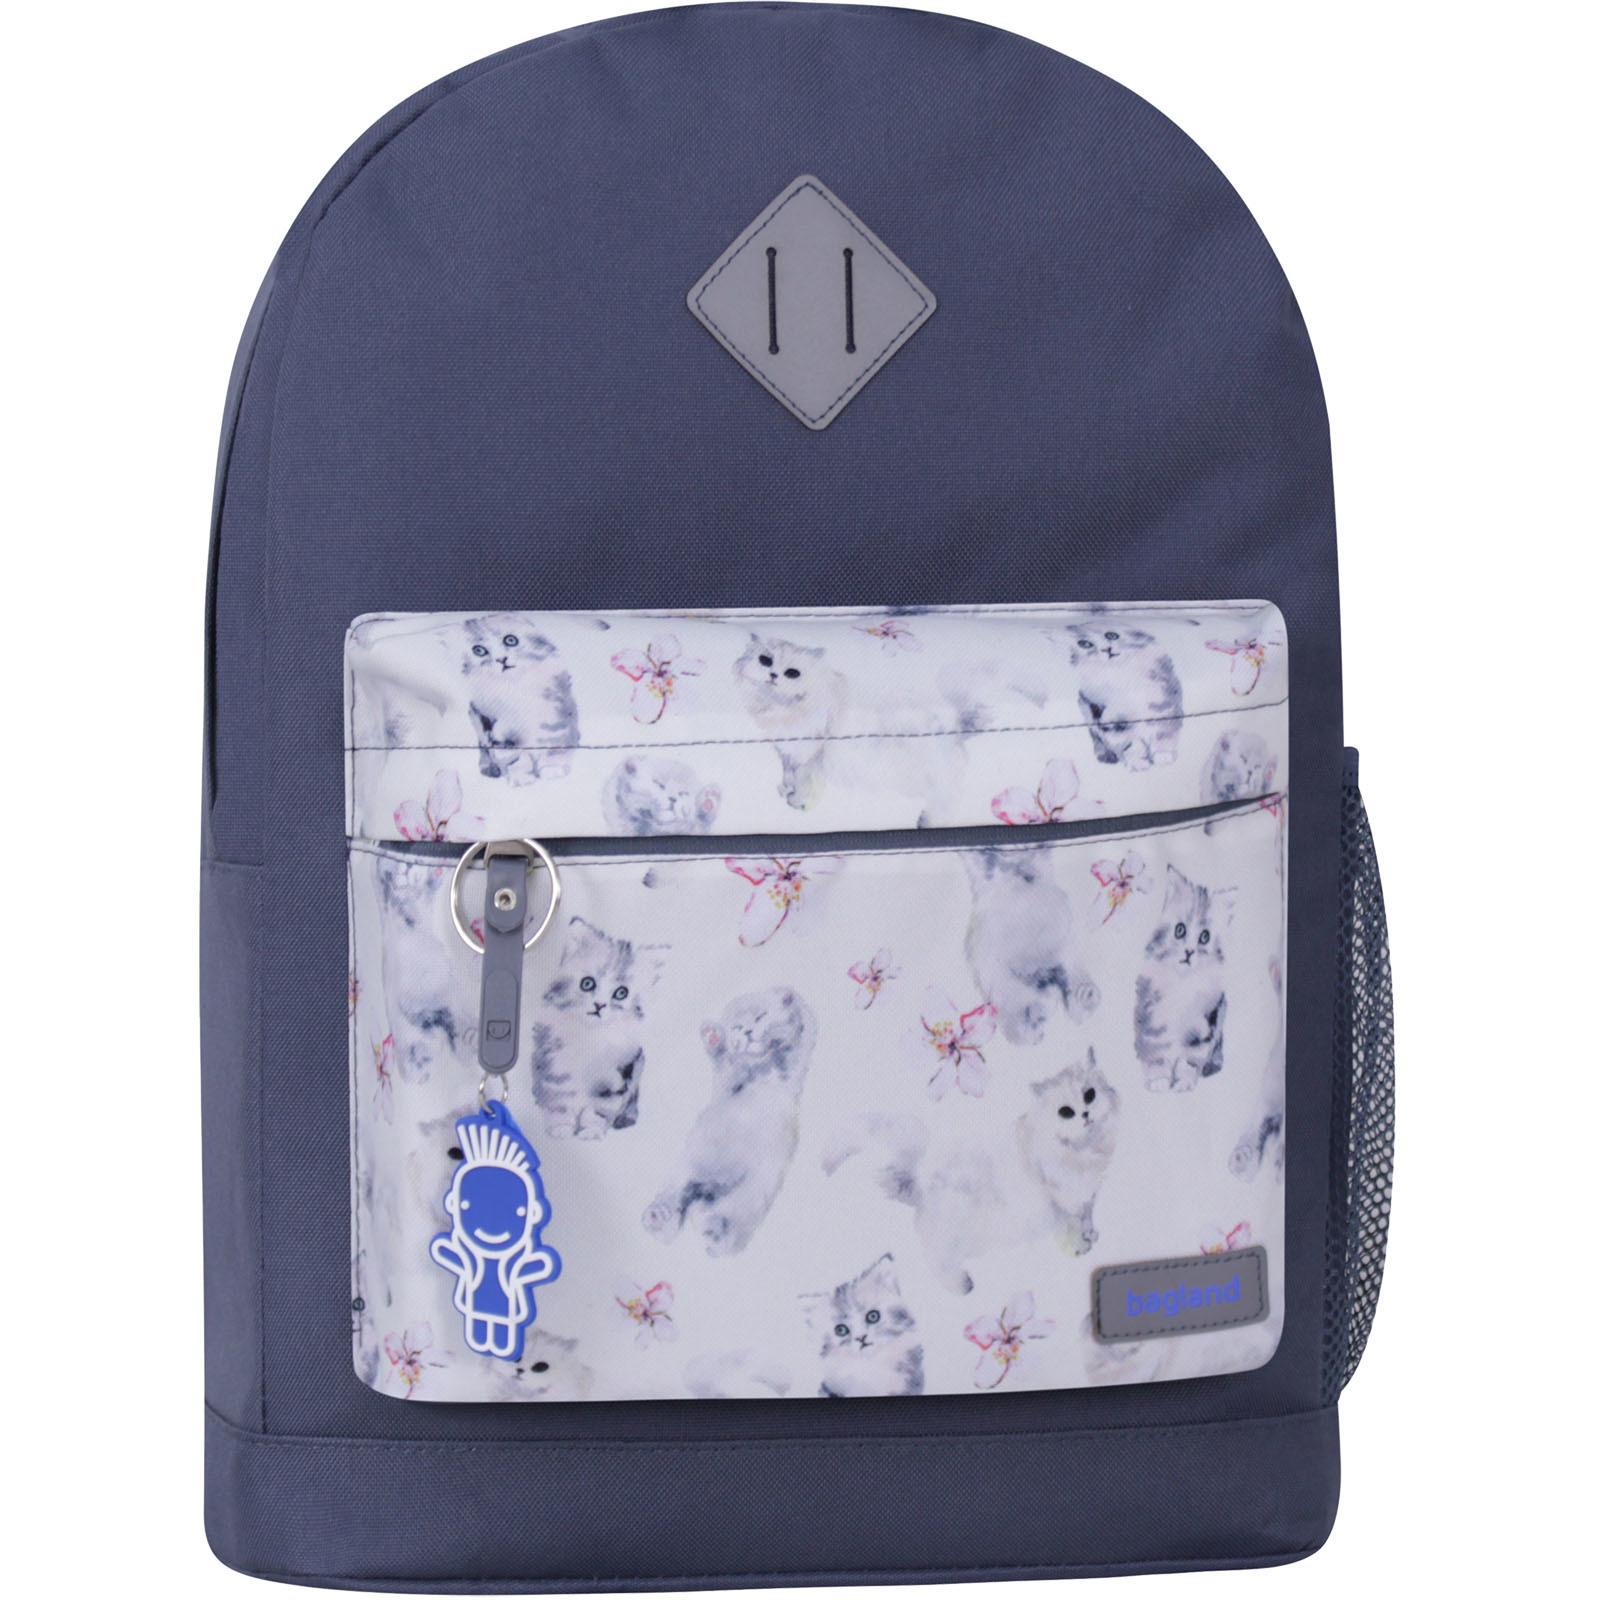 Городские рюкзаки Рюкзак Bagland Молодежный W/R 17 л. Серый 986 (00533662) IMG_1076_суб986_-1600.jpg